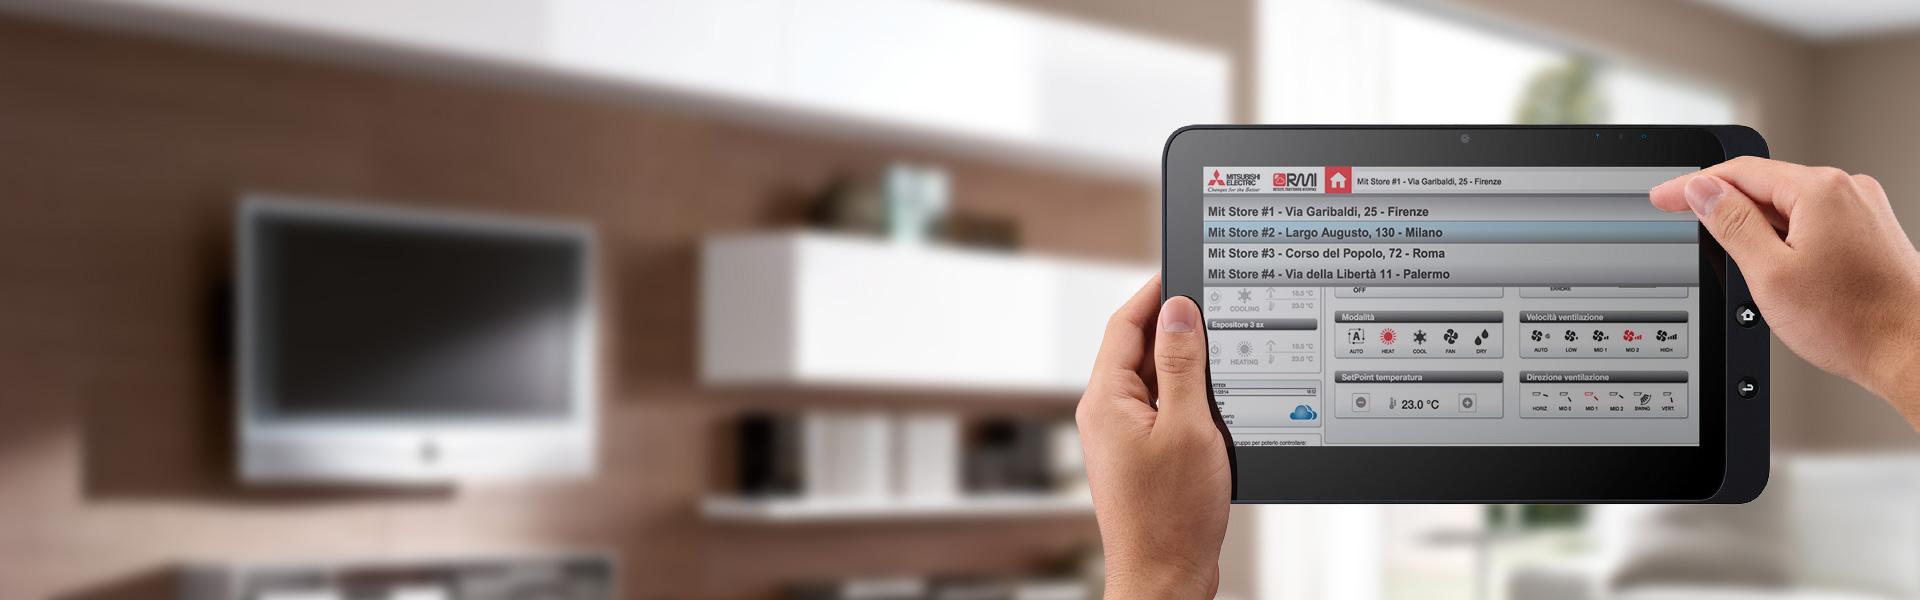 Descoperiţi toate funcţiile de monitorizare, economisire a energiei și prevenire a defecţiunilor